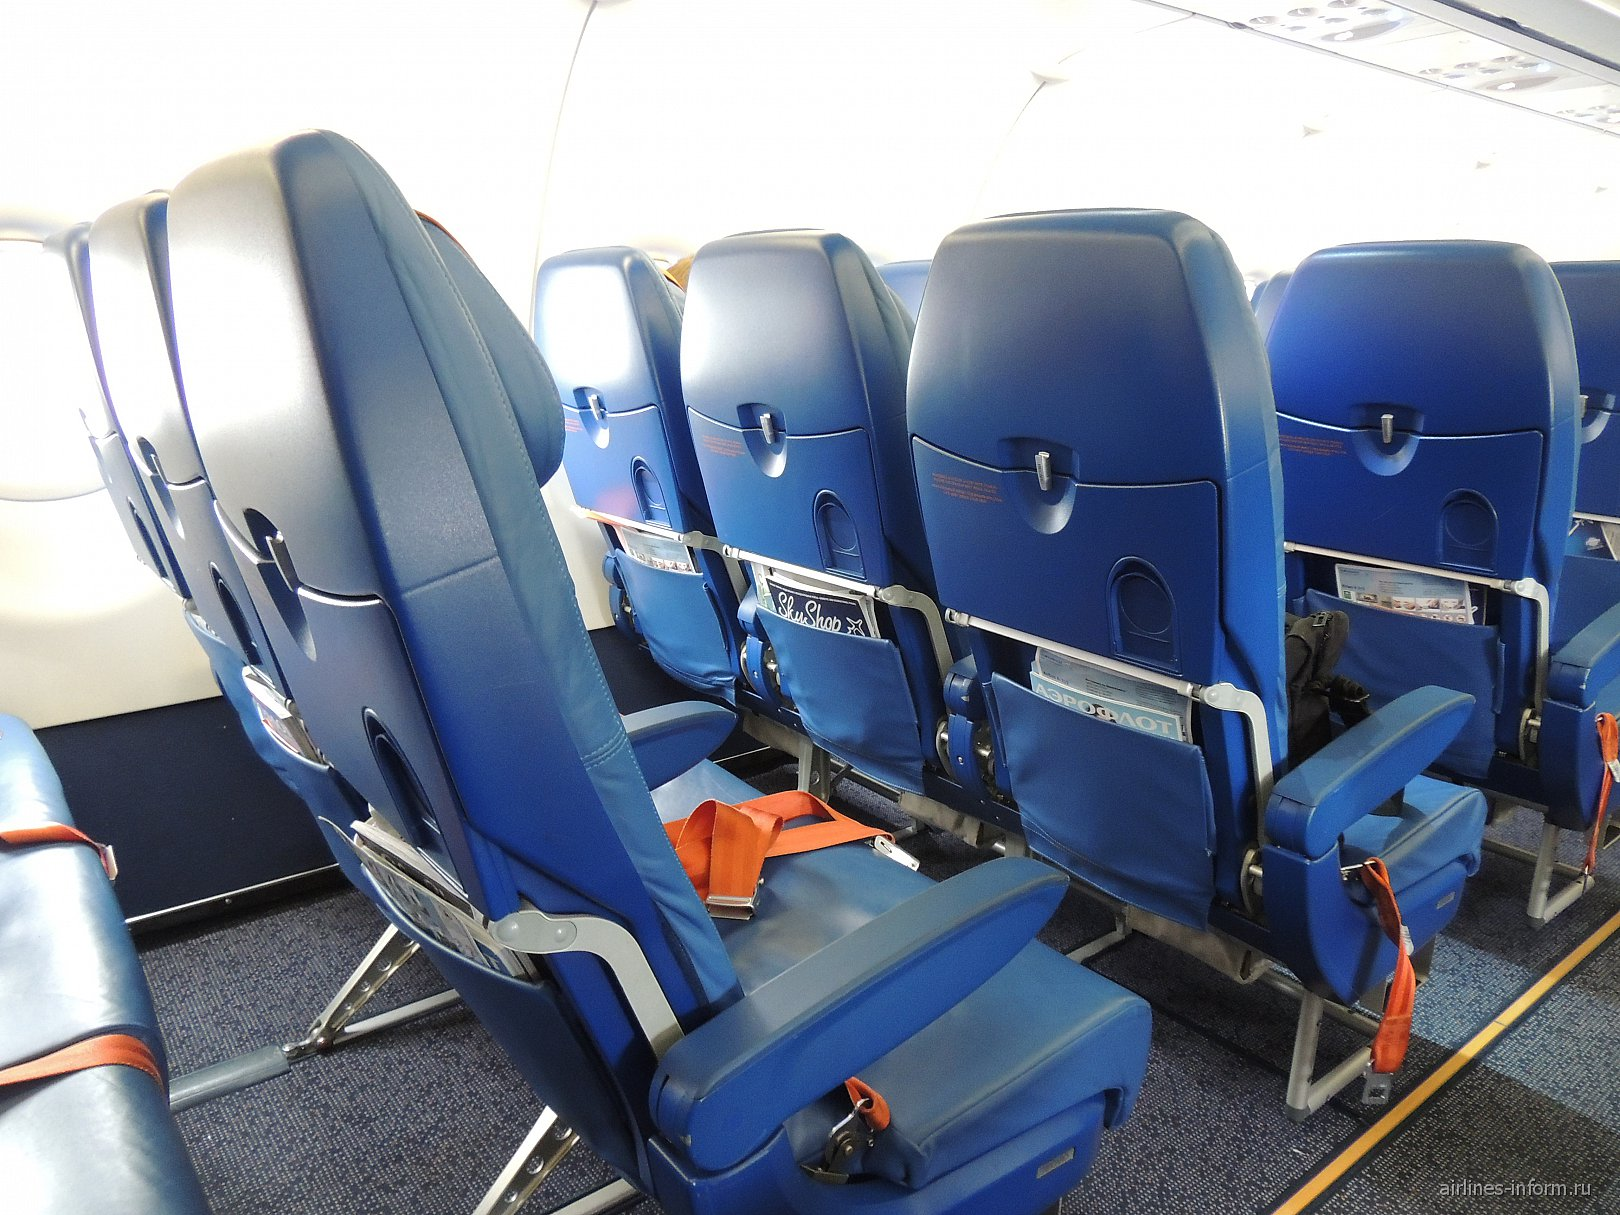 Места экономического класса в самолете Airbus A319 Аэрофлота